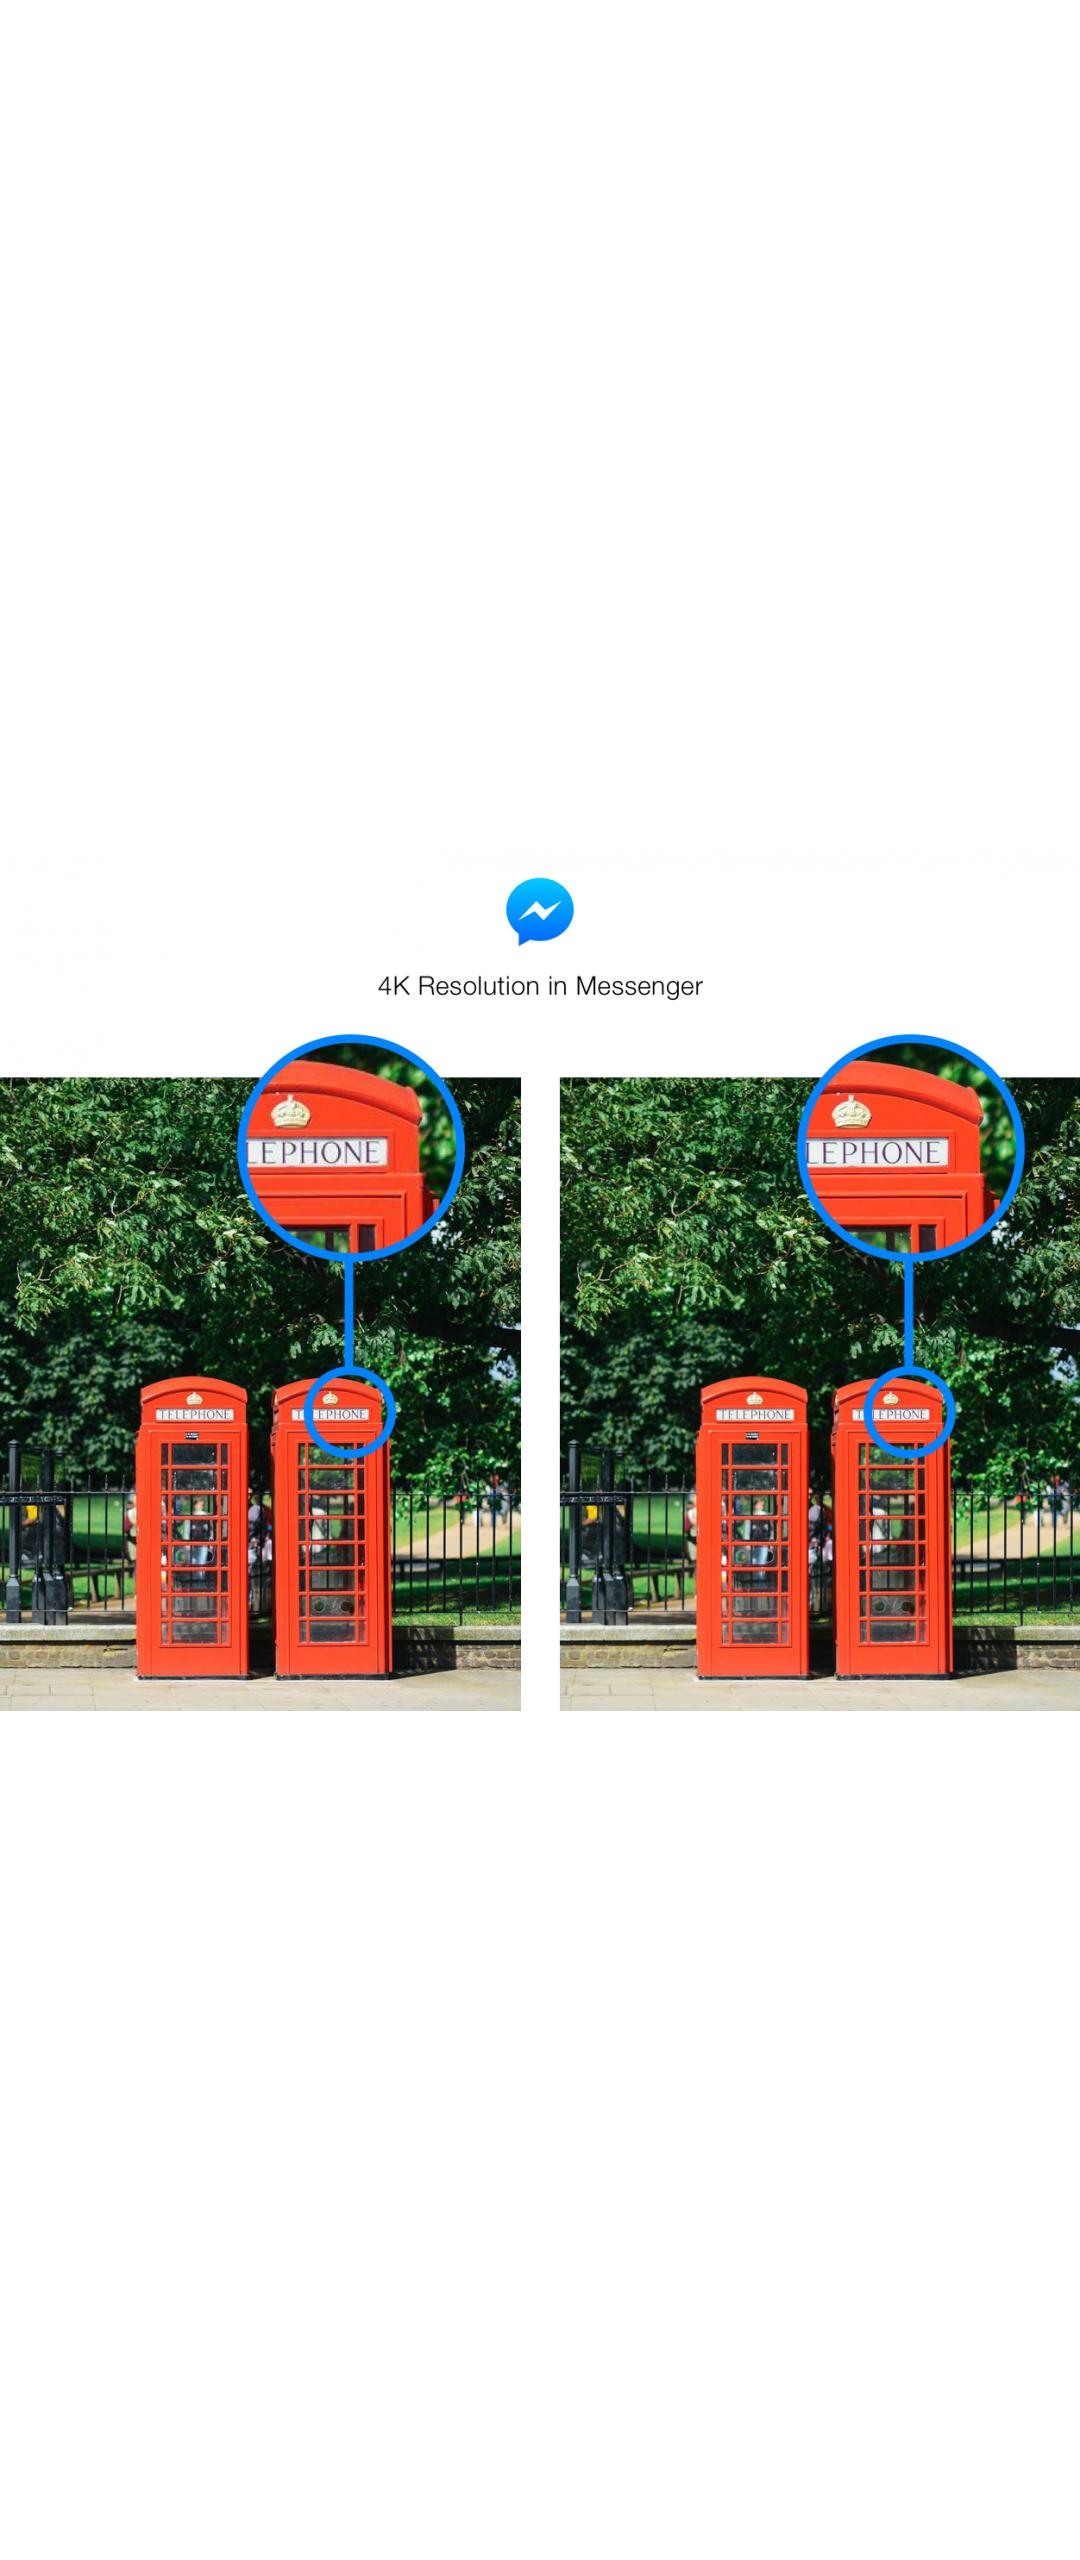 Facebook Messenger ya soporta envío de fotografías en 4K